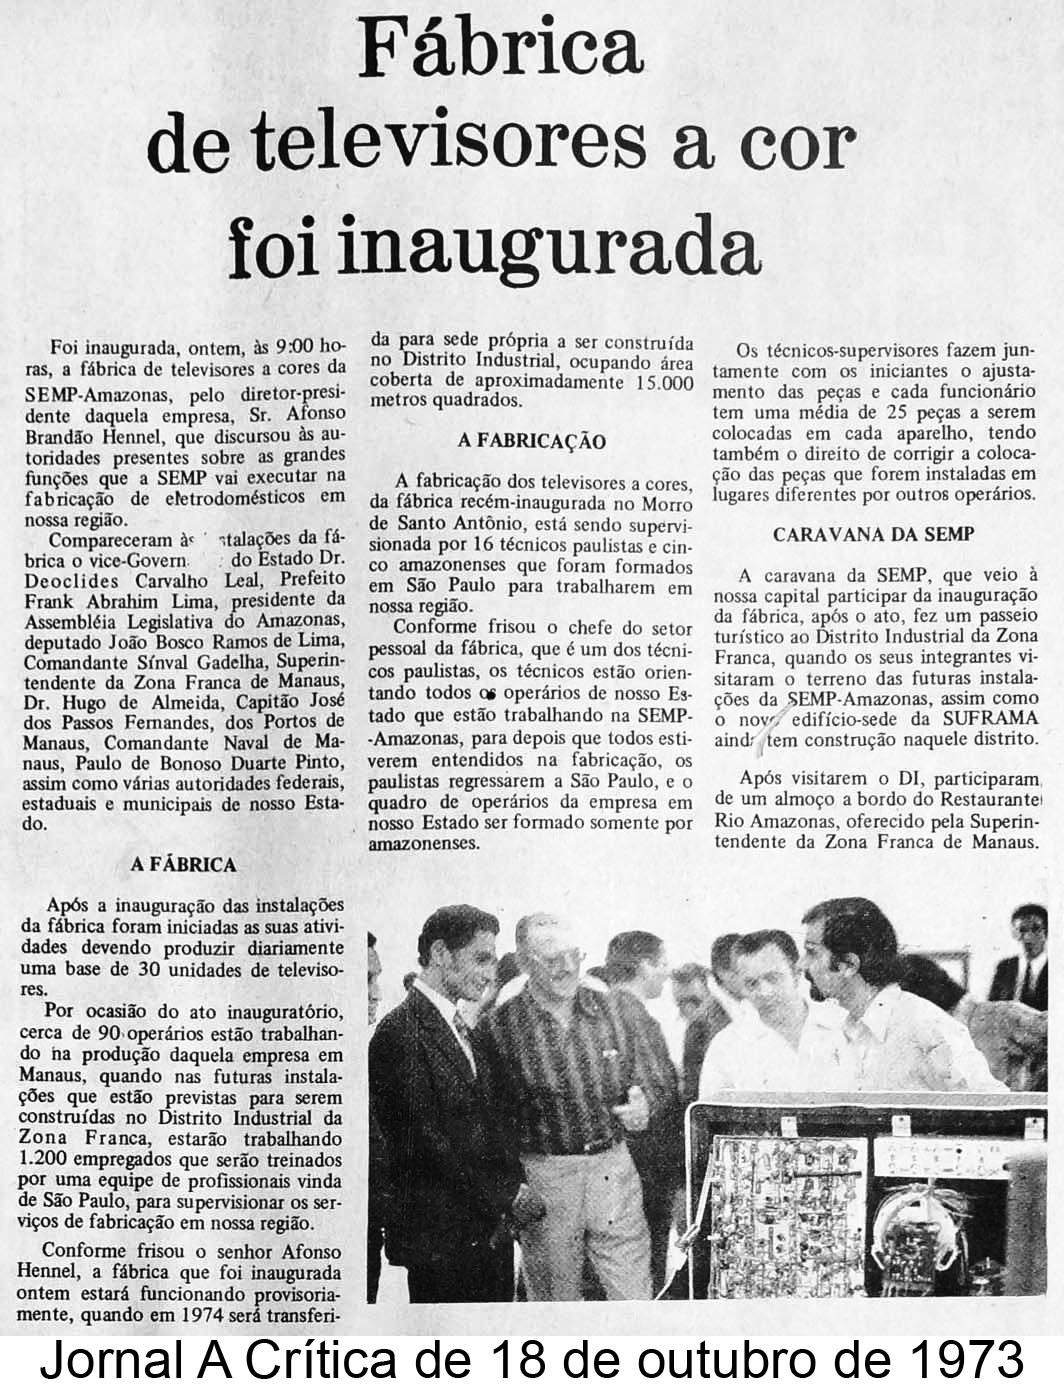 Inauguração da fábrica SEMP de televisores